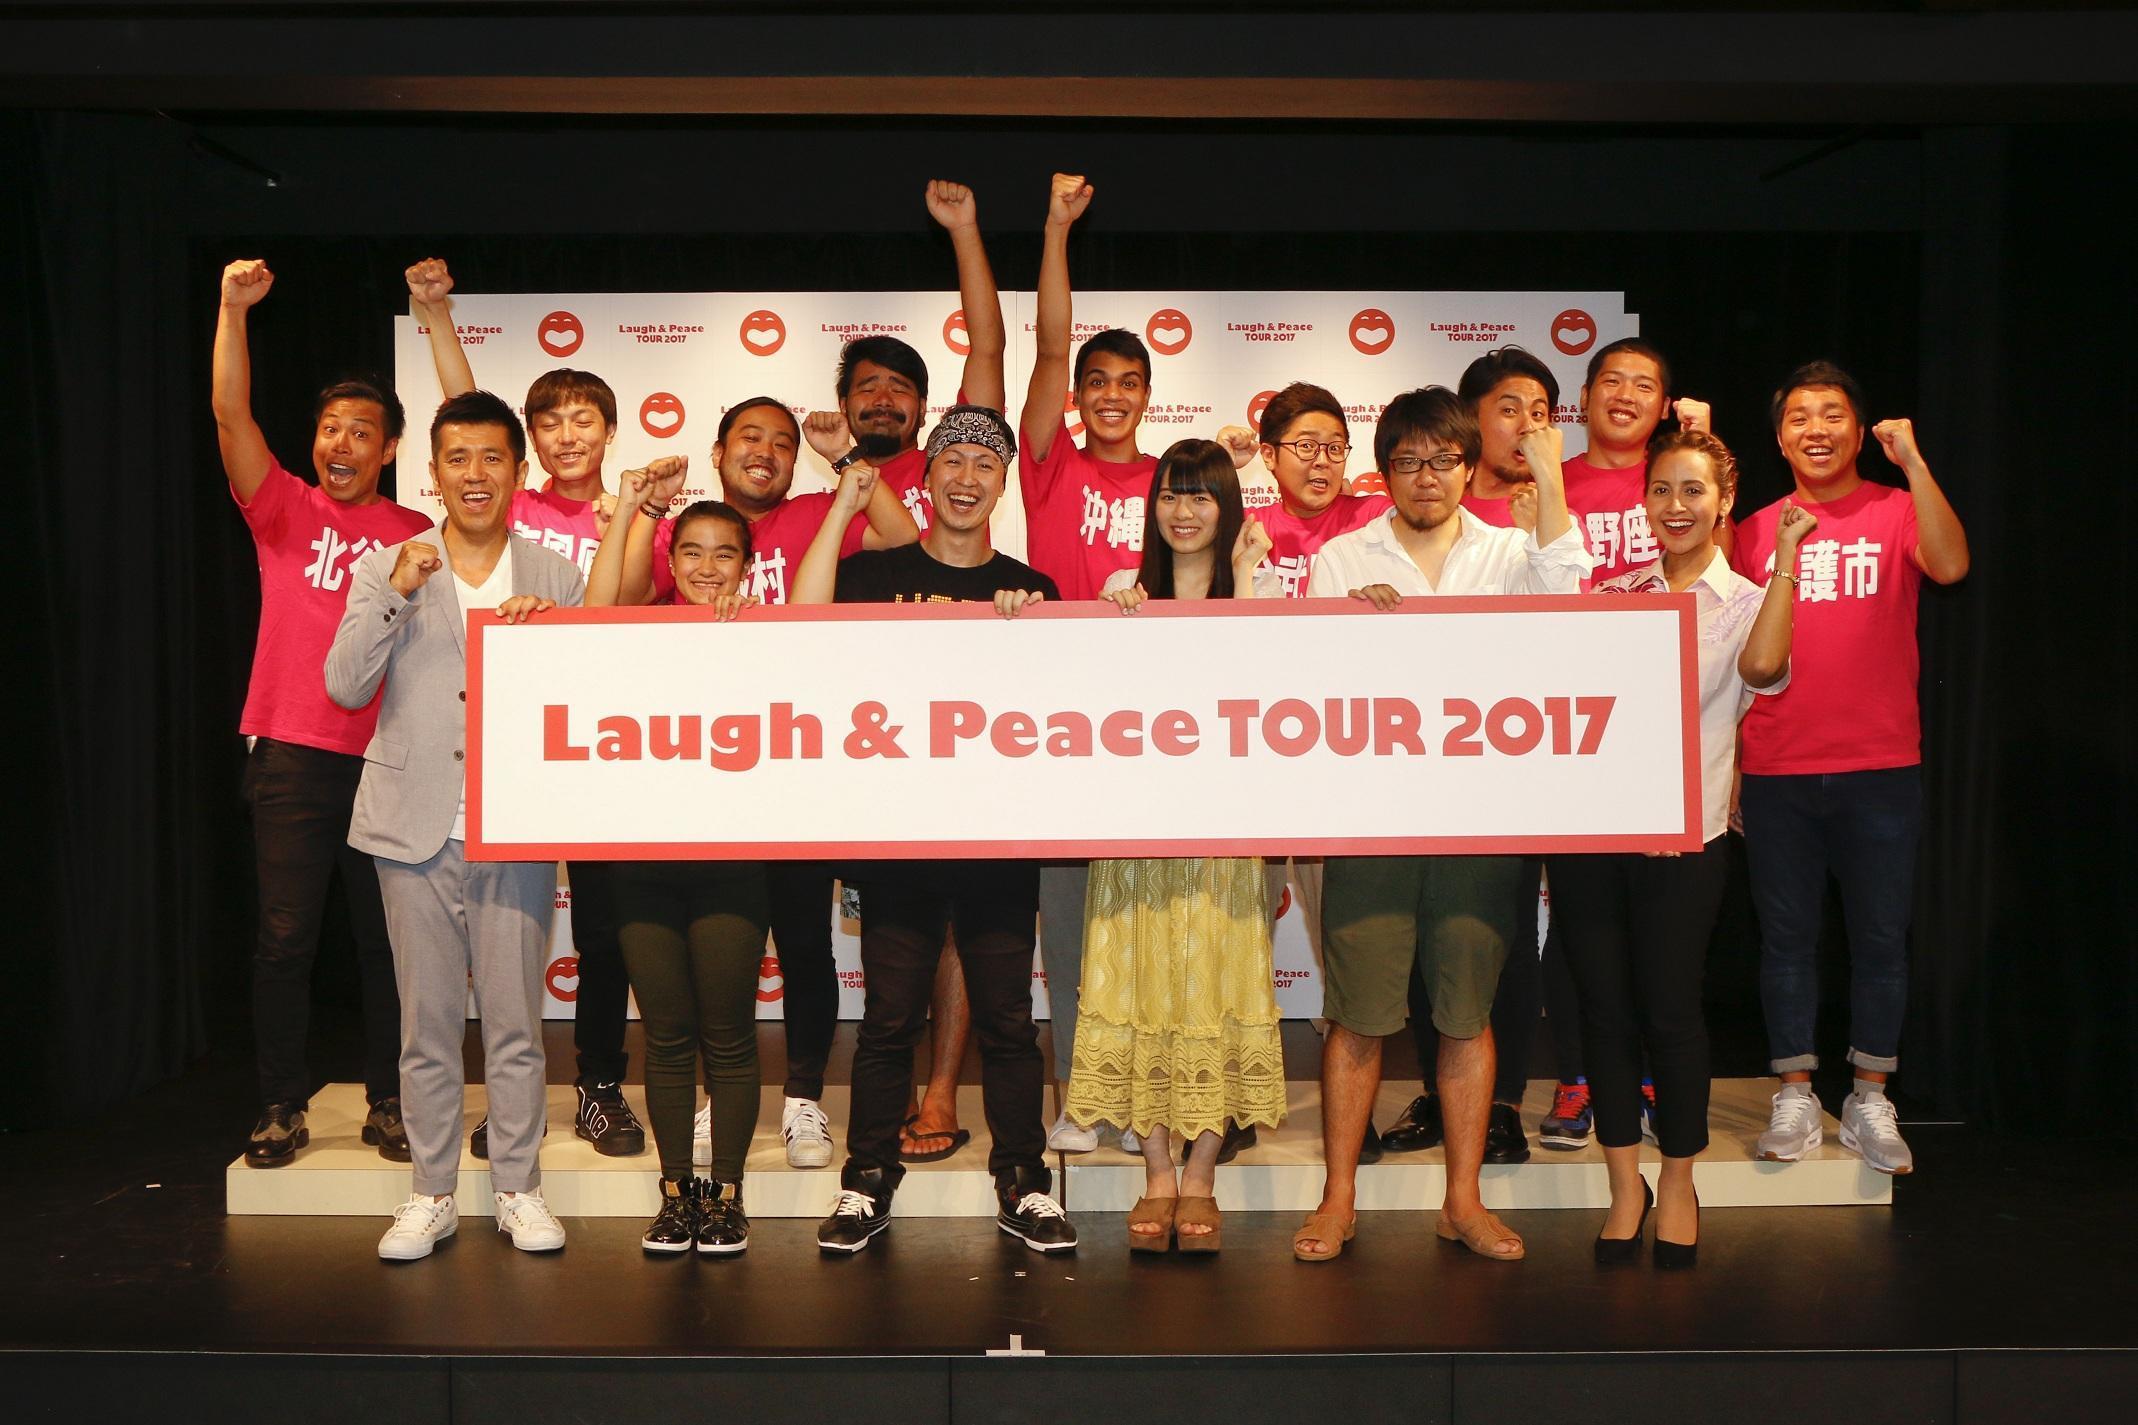 http://news.yoshimoto.co.jp/20170713104904-a842262d4a48b3eb96eefa7c805f0e6b07da2ef1.jpg